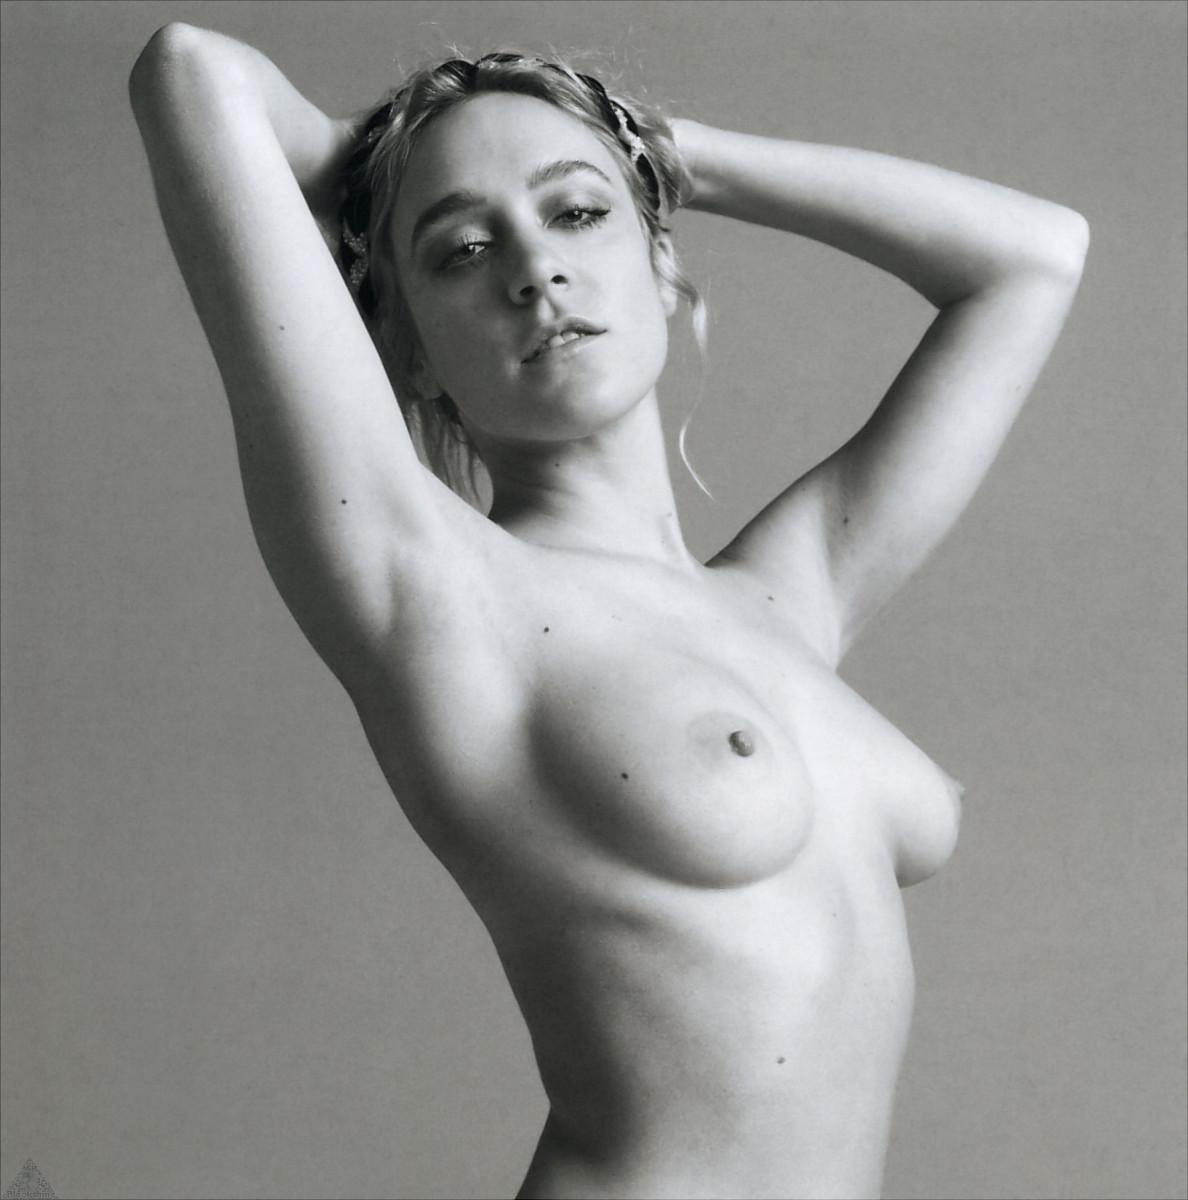 http://4.bp.blogspot.com/_TVfX7Kqnffo/TUdMJuzFTAI/AAAAAAAAAG8/6y2Yt3B8U-I/s1600/chloe-sevigny-nude-03.jpg